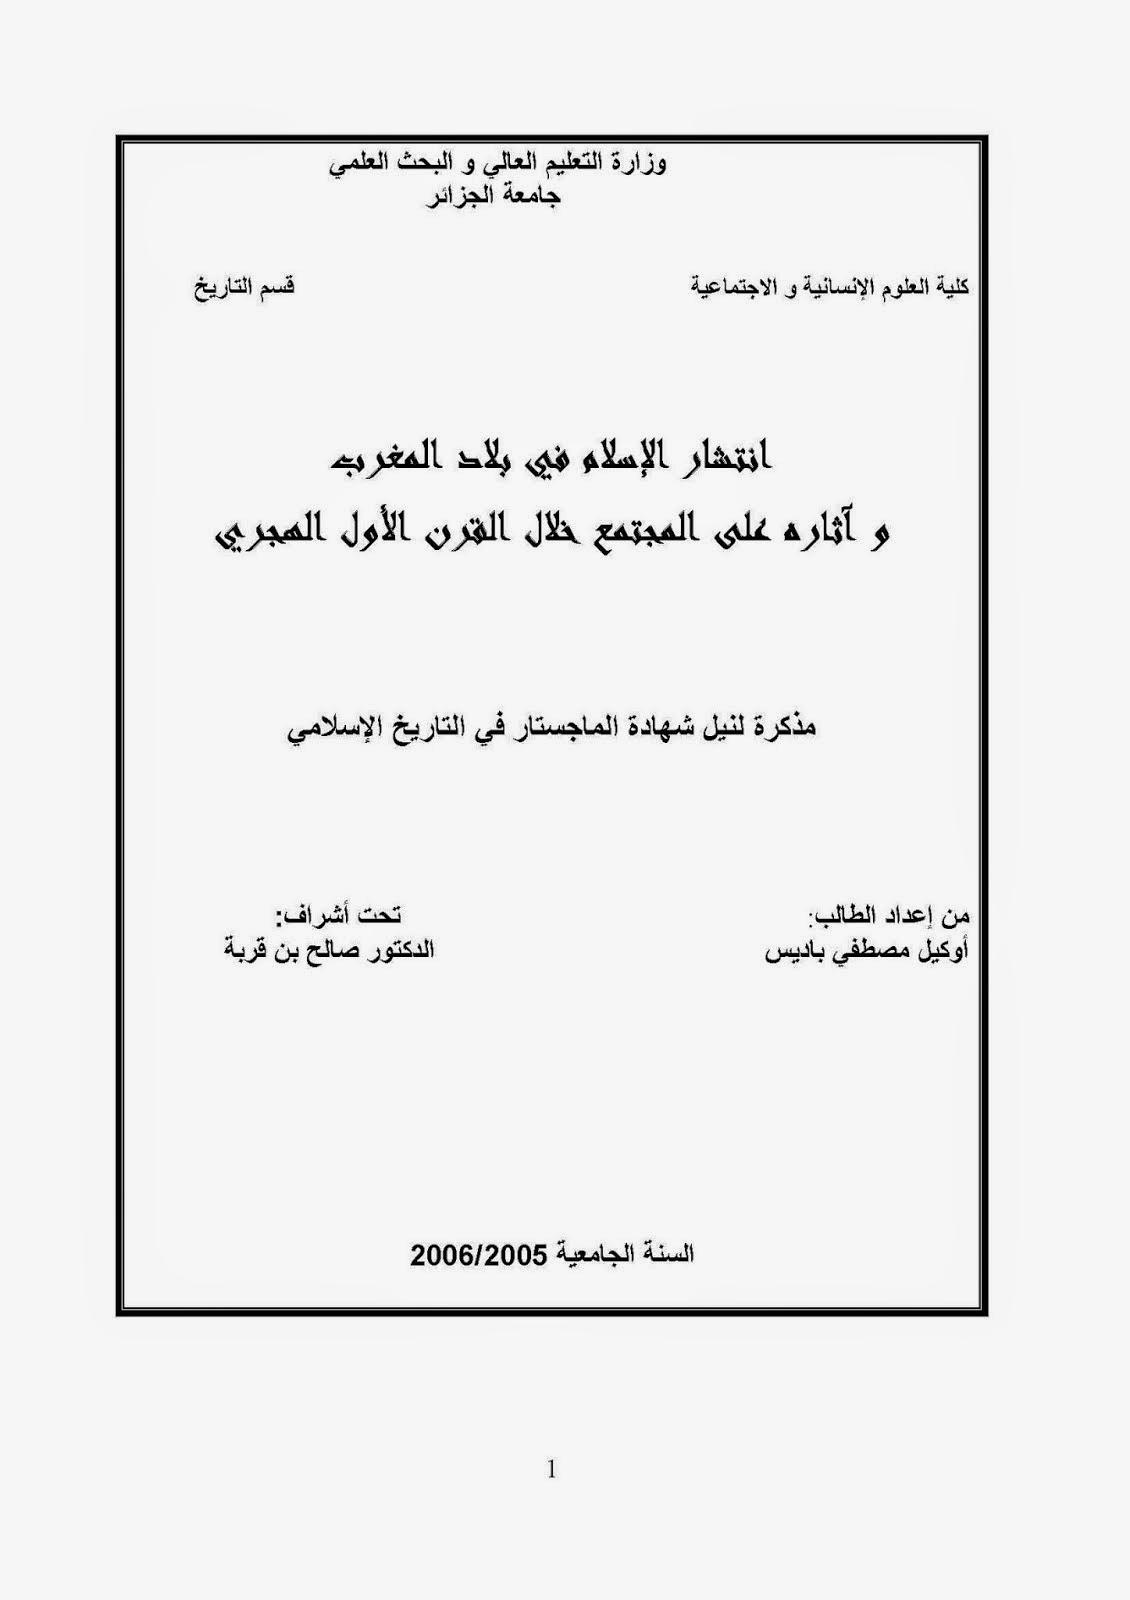 انتشار الإسلام في بلاد المغرب وآثاره على المجتمع خلال القرن الأول الهجري لـ أوكيل مصطفى باديس